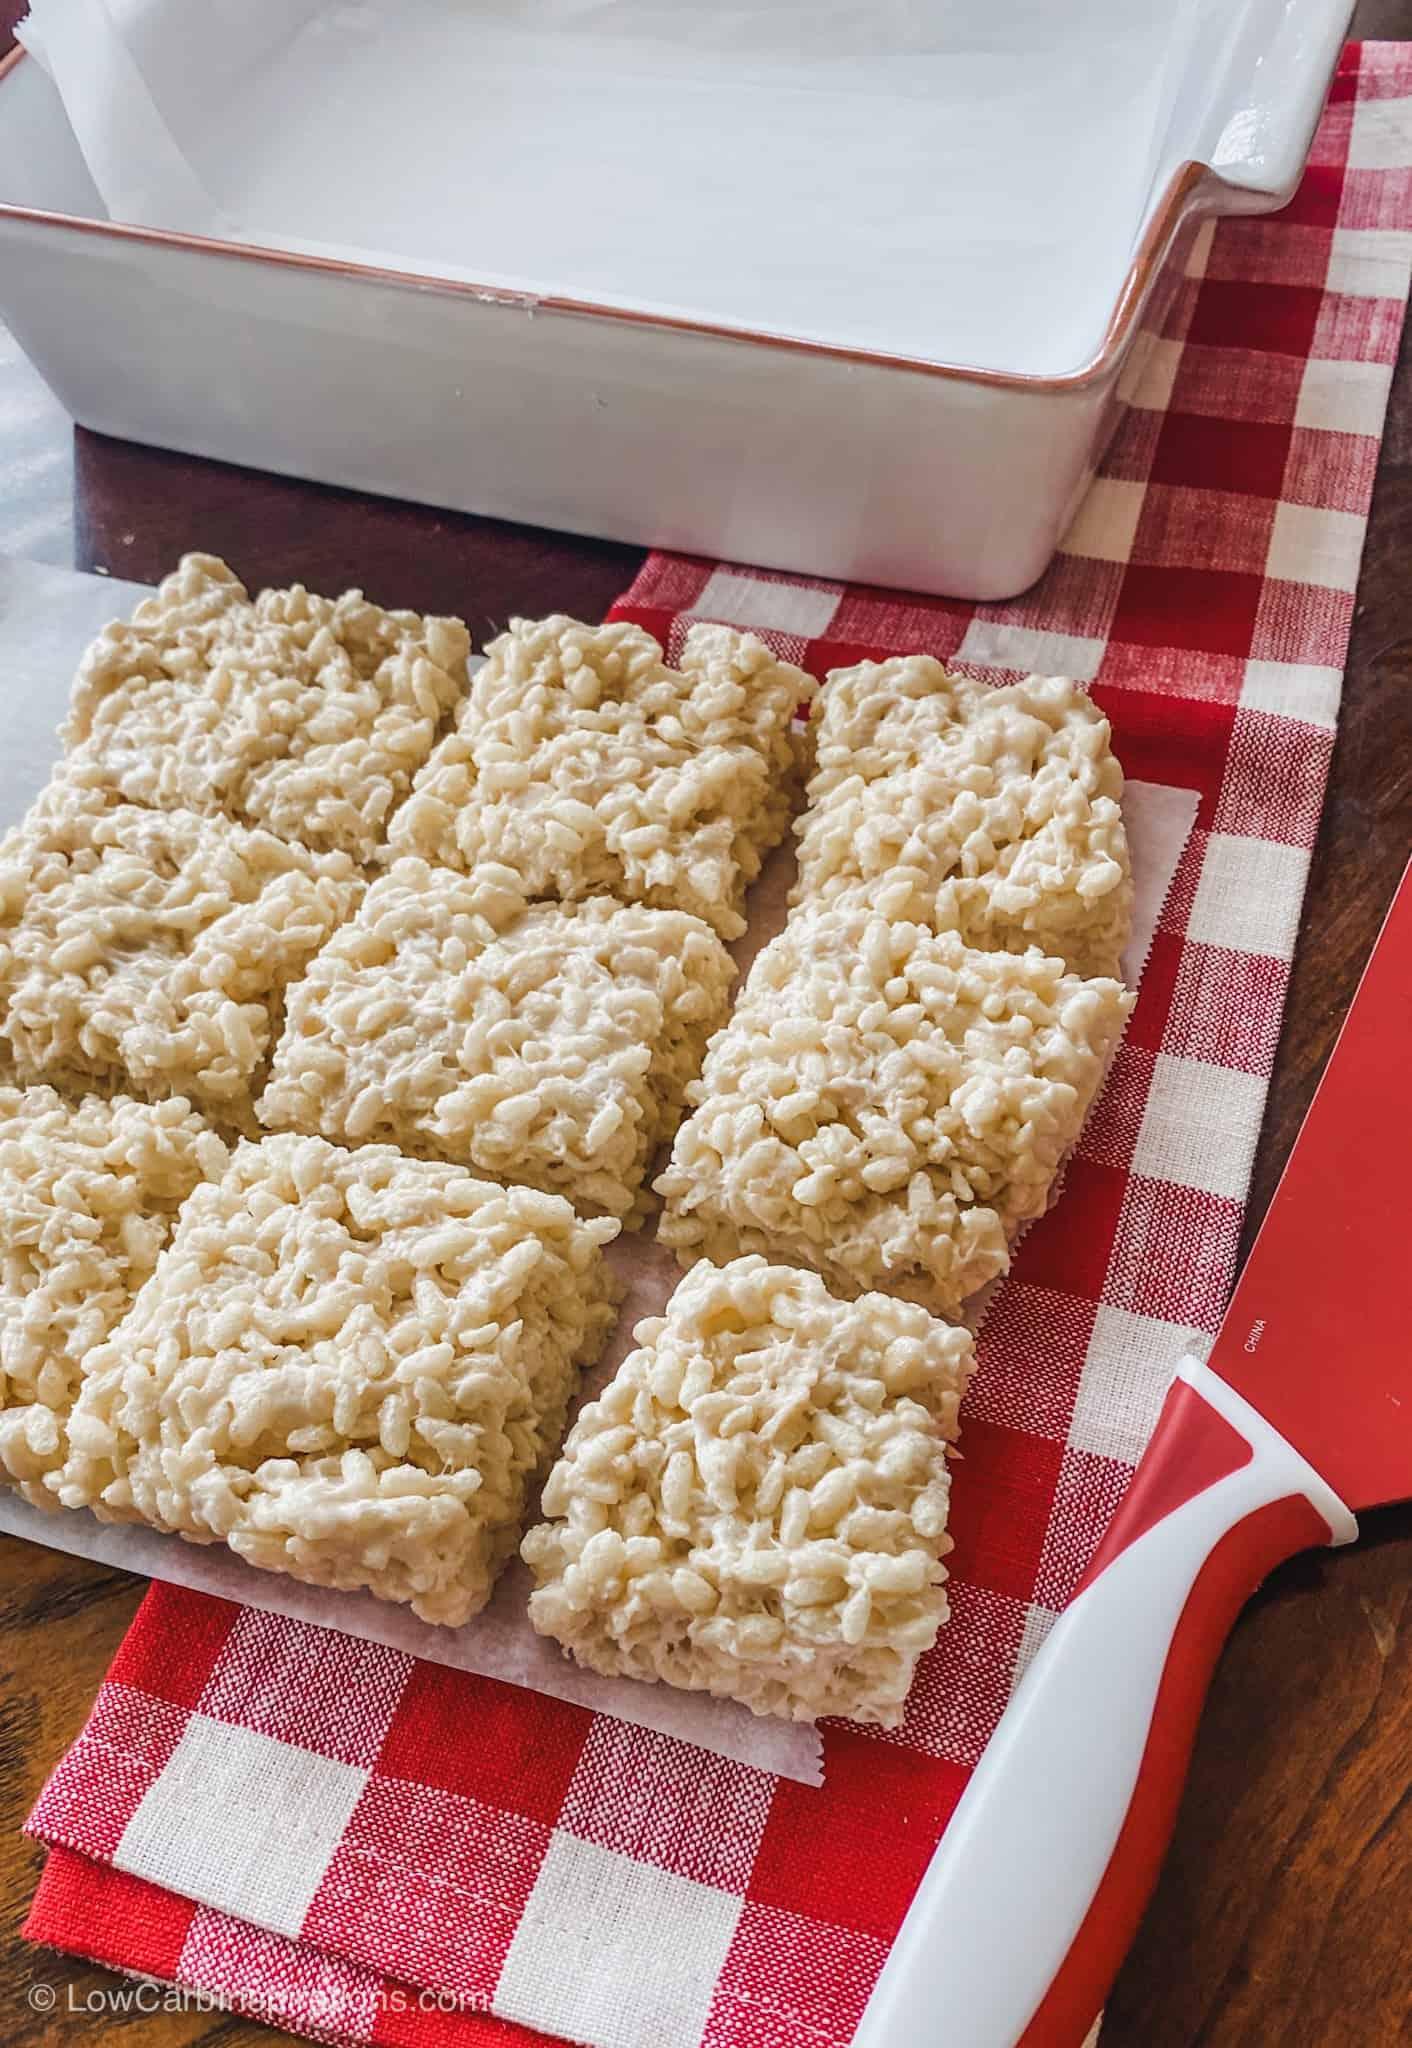 Keto Rice Crispy Treats Recipe made with keto cereal